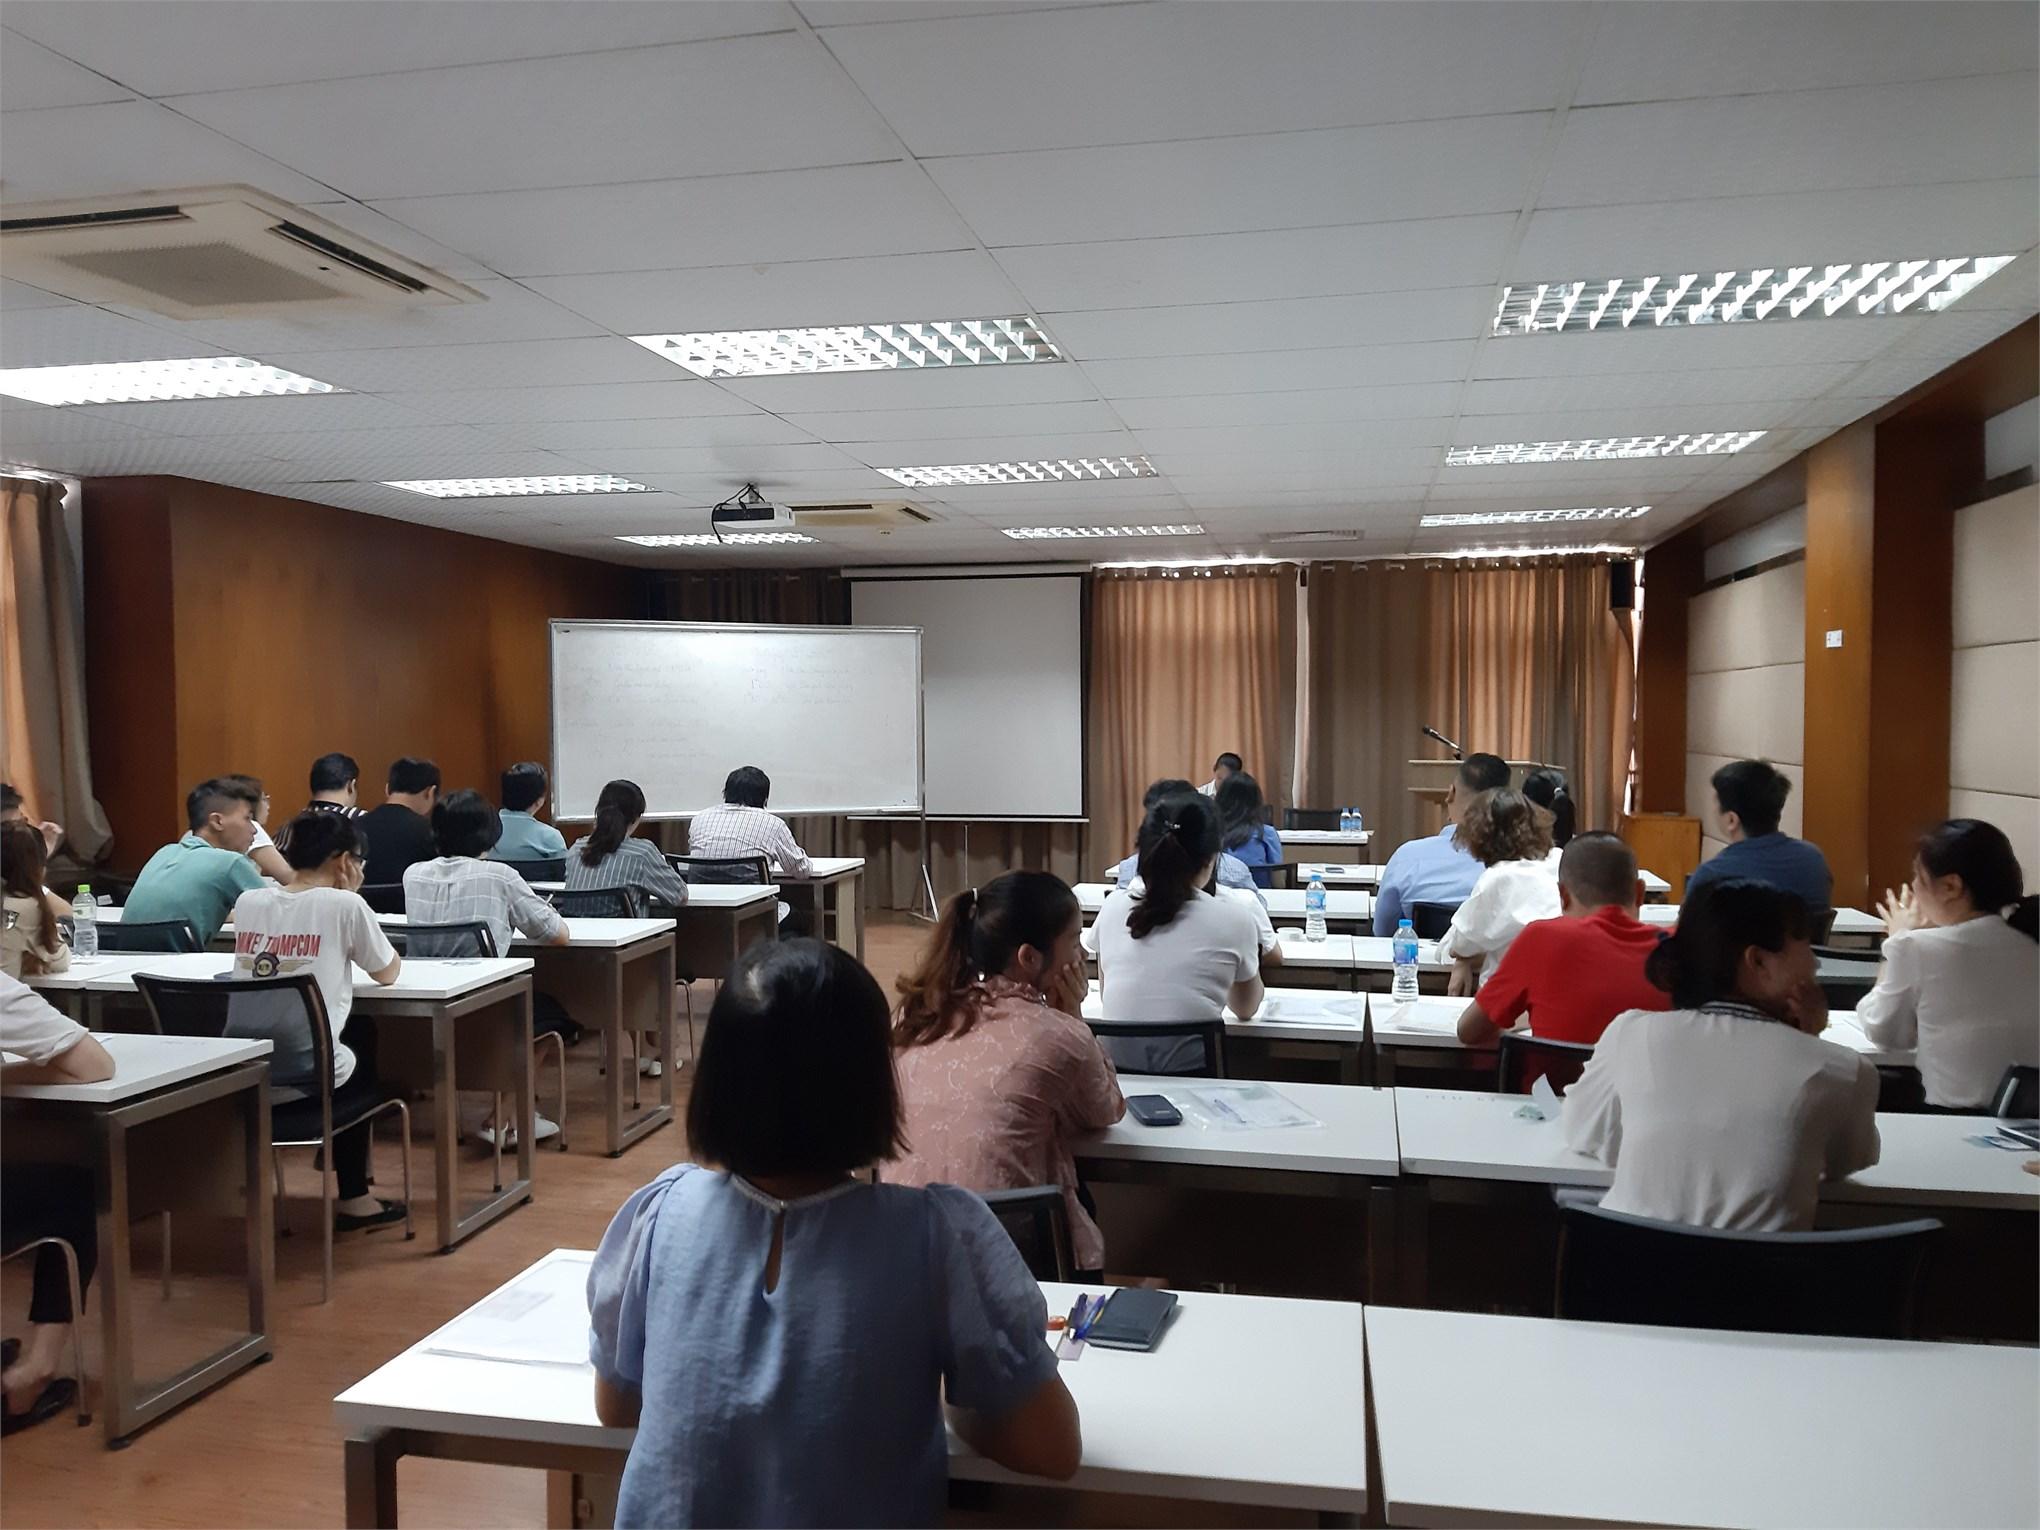 Tổ chức kỳ thi tuyển sinh đào tạo trình độ thạc sĩ đợt 1 năm 2020 trường Đại học Công nghiệp Hà Nội.